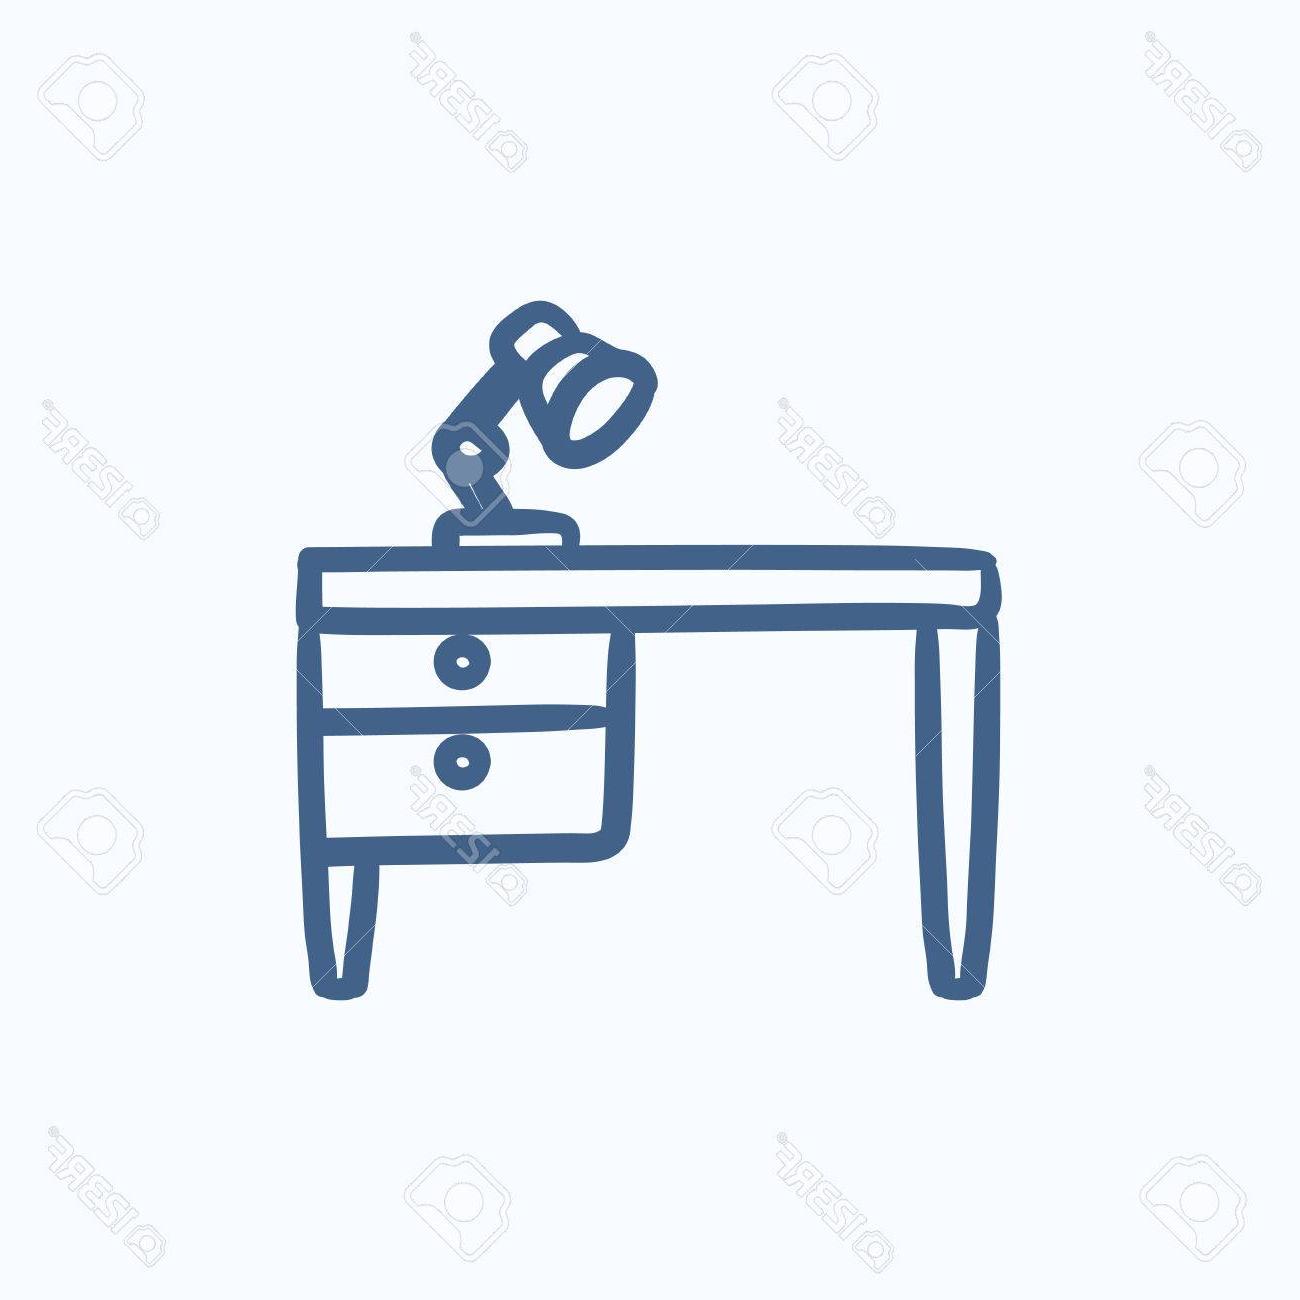 Escritorio Dibujo D0dg LÃ Mpara De Escritorio De Dibujo Icono De Tabla De Vectores Aislados